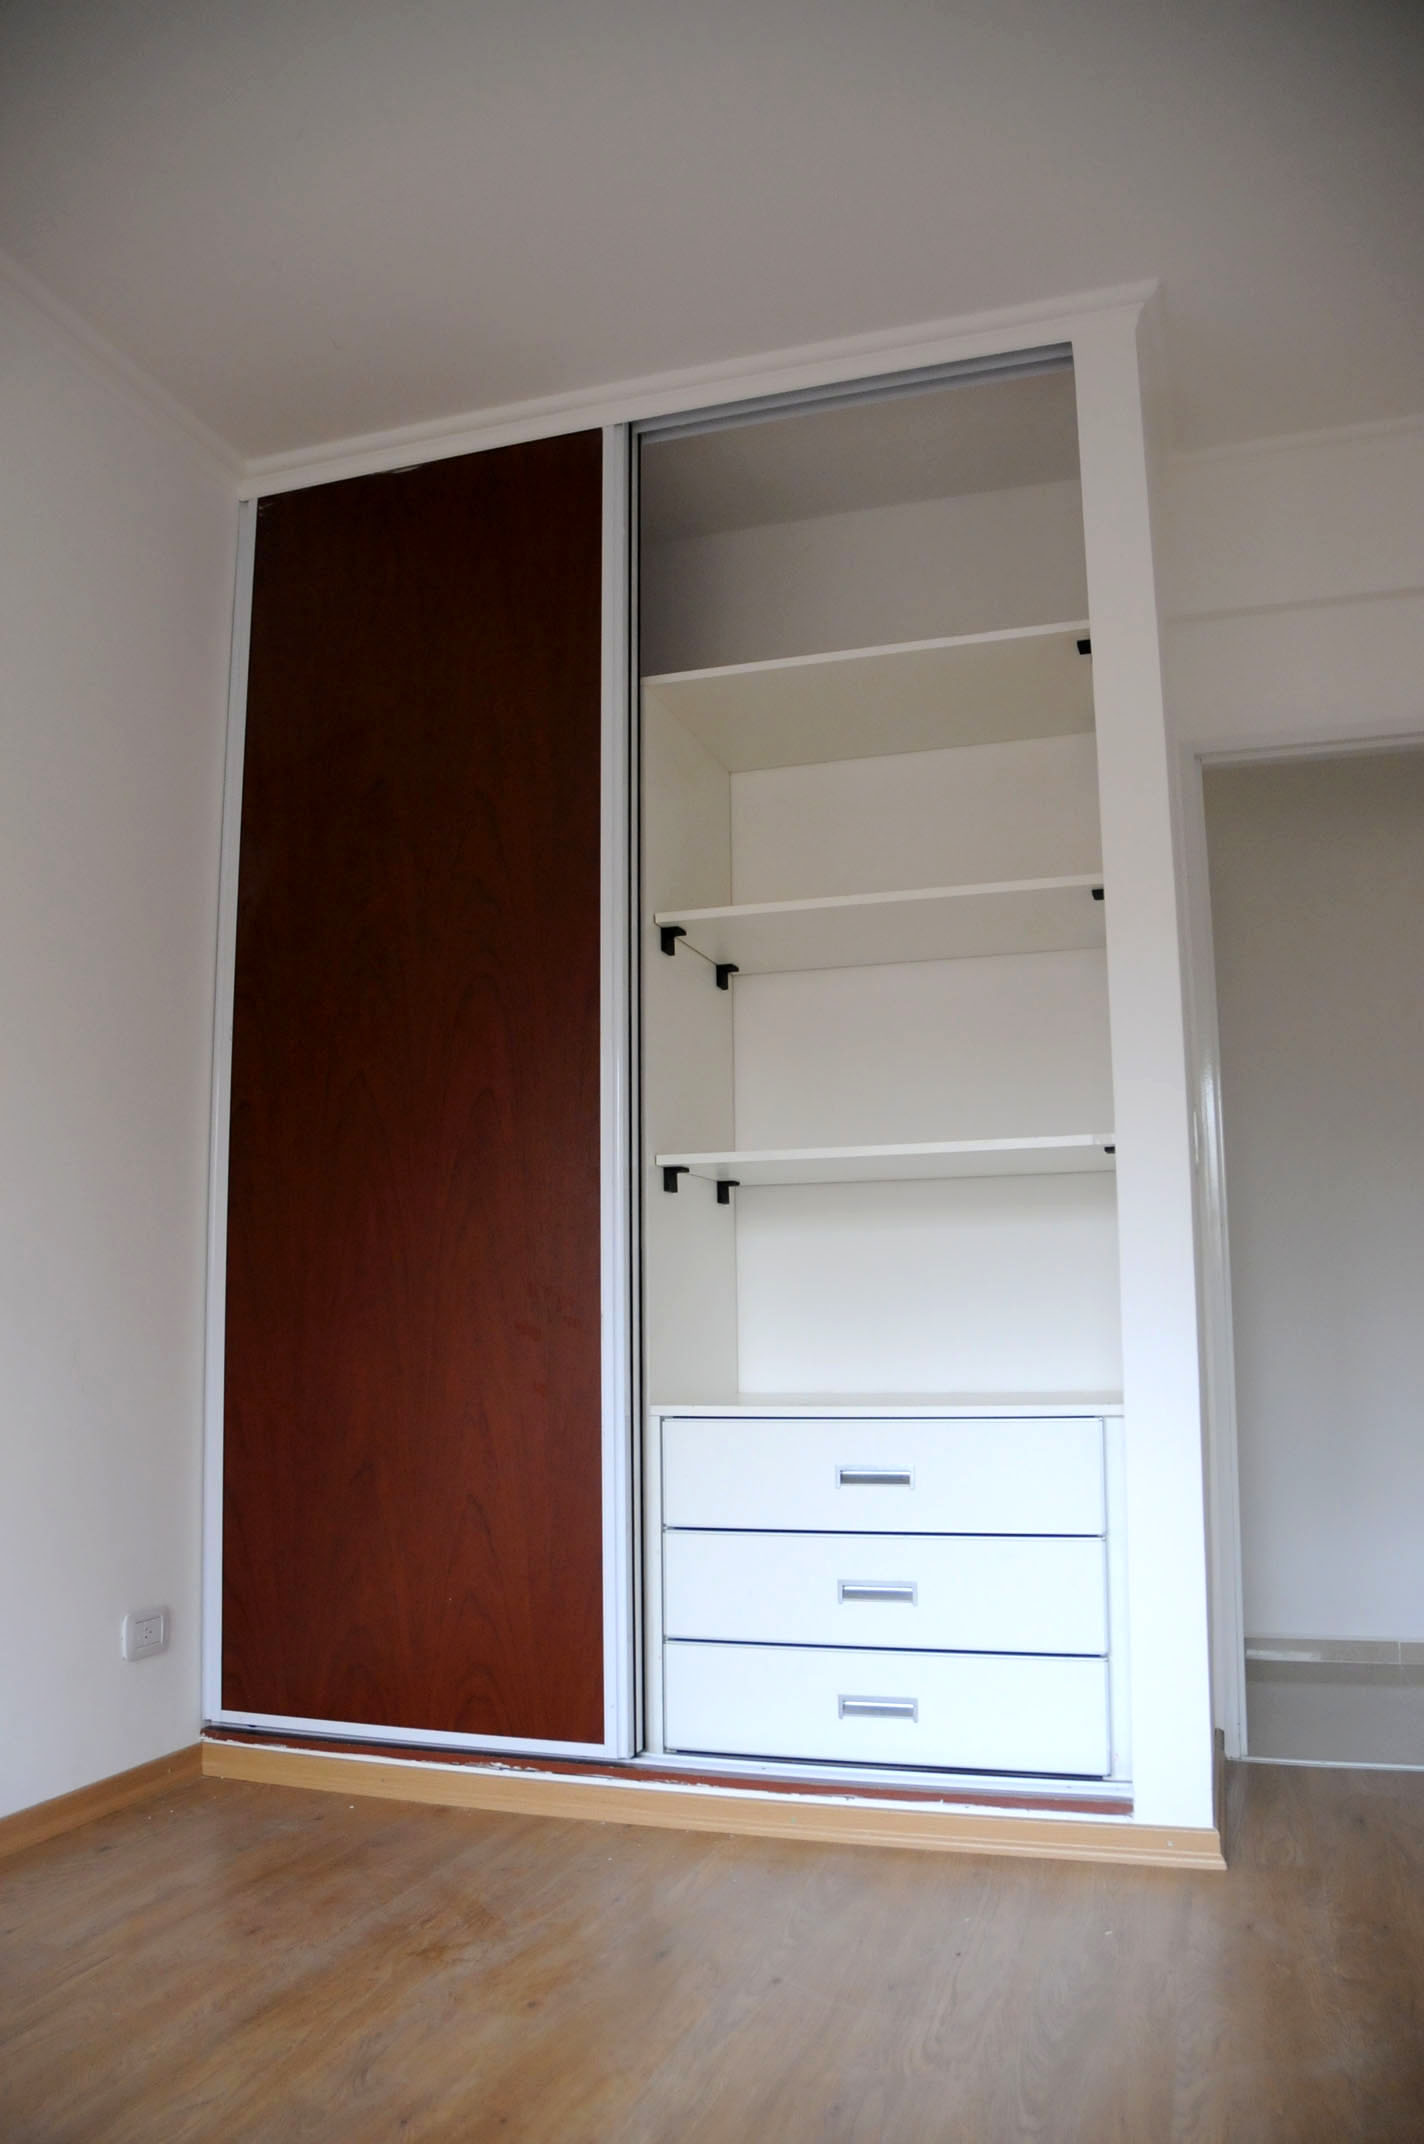 2012 - 07 . Interiores . Terrada 4843 02